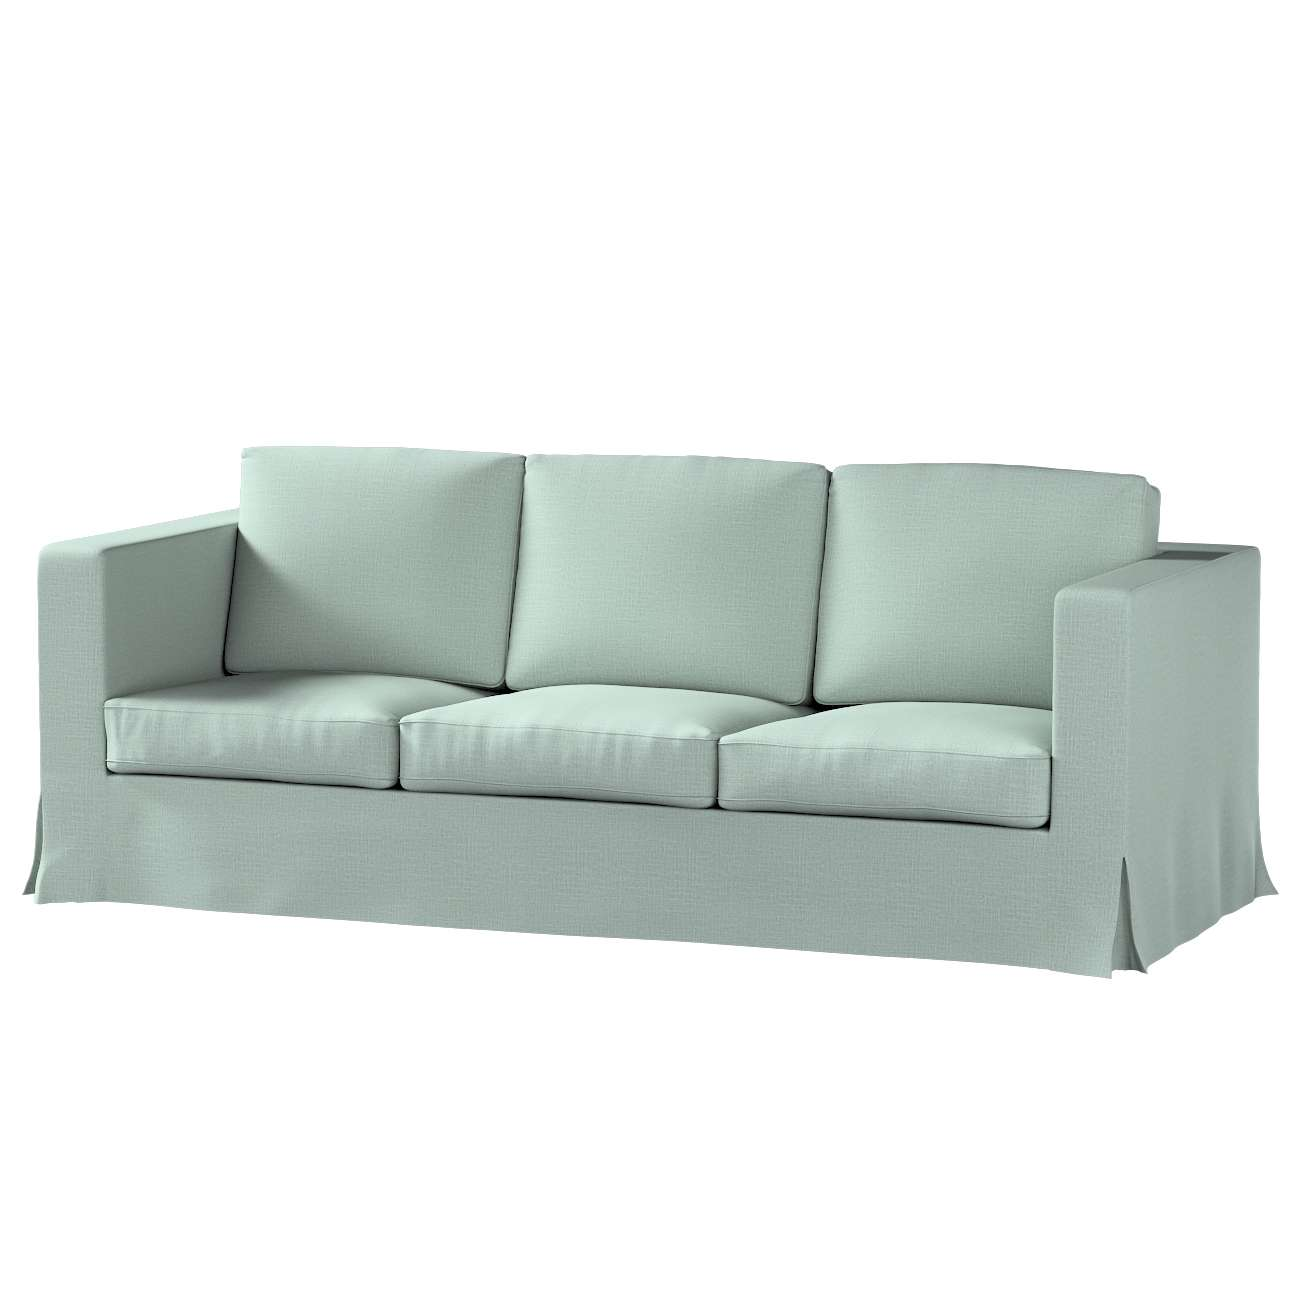 Potah na pohovku IKEA  Karlanda 3-místná nerozkládací, dlouhý v kolekci Living II, látka: 160-86